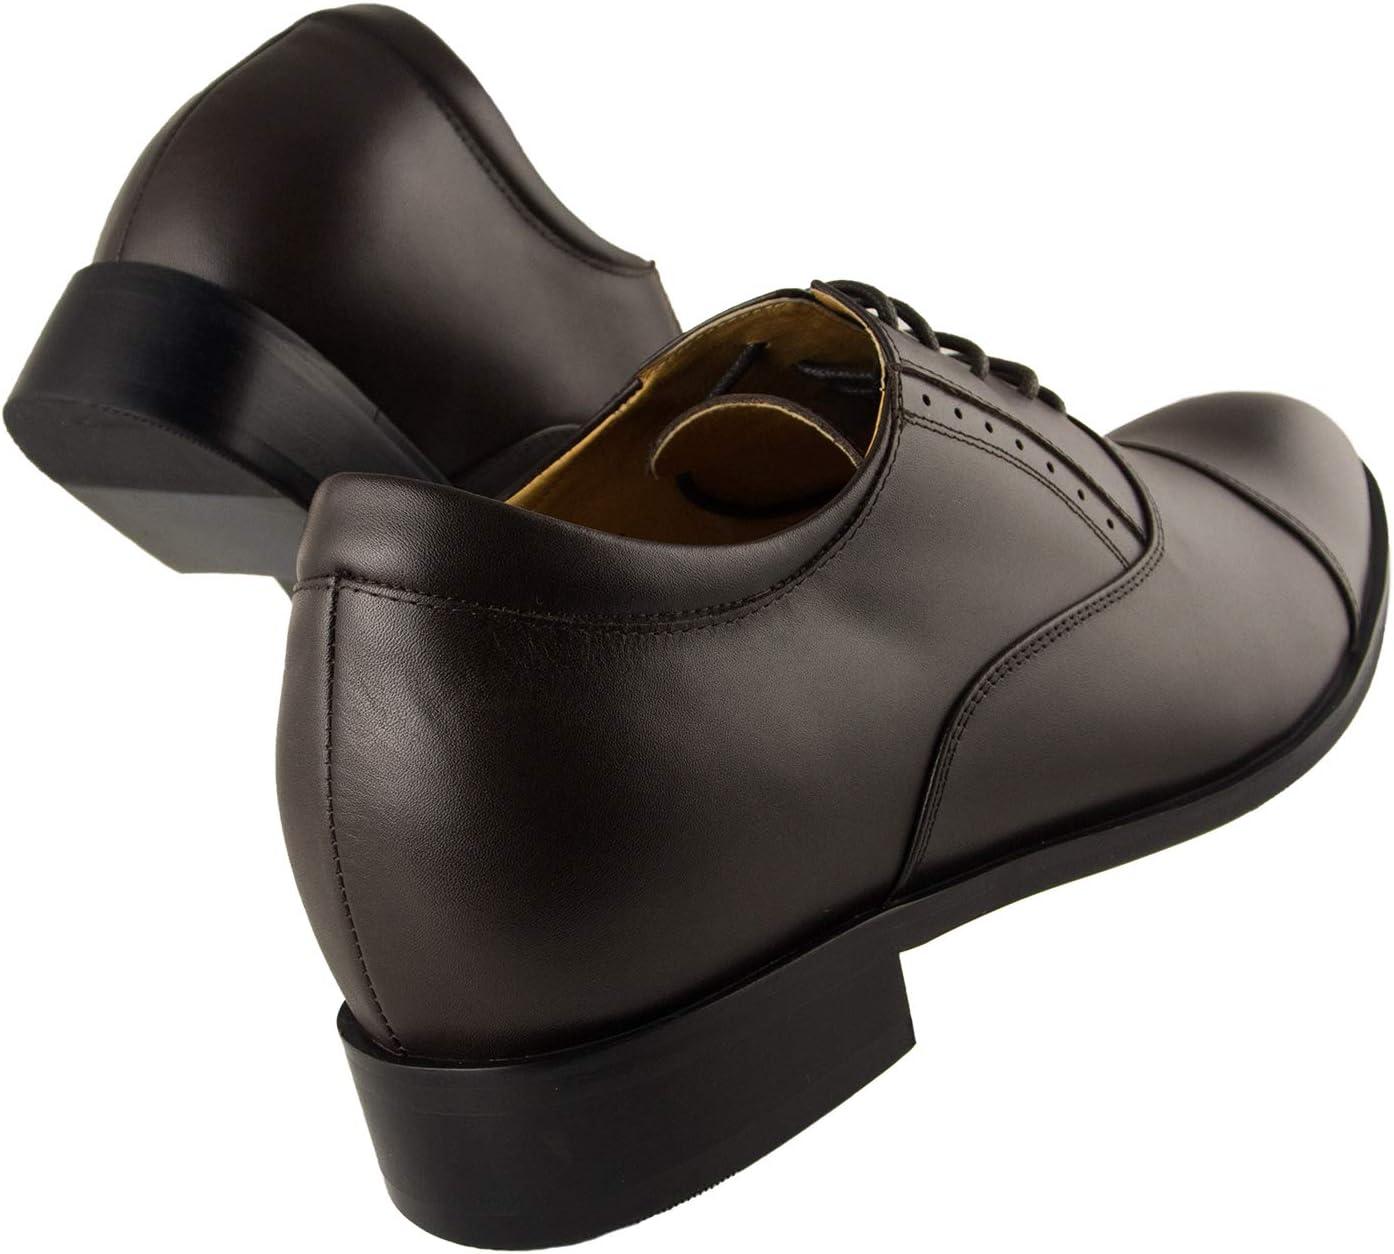 Zerimar schoenen voor mannen verhogen op onzichtbare wijze je lichaamslengte: hoogte verstelbaar, verborgen heftige hiel, verhoogt je hoogte tot + 8 cm. Bruin